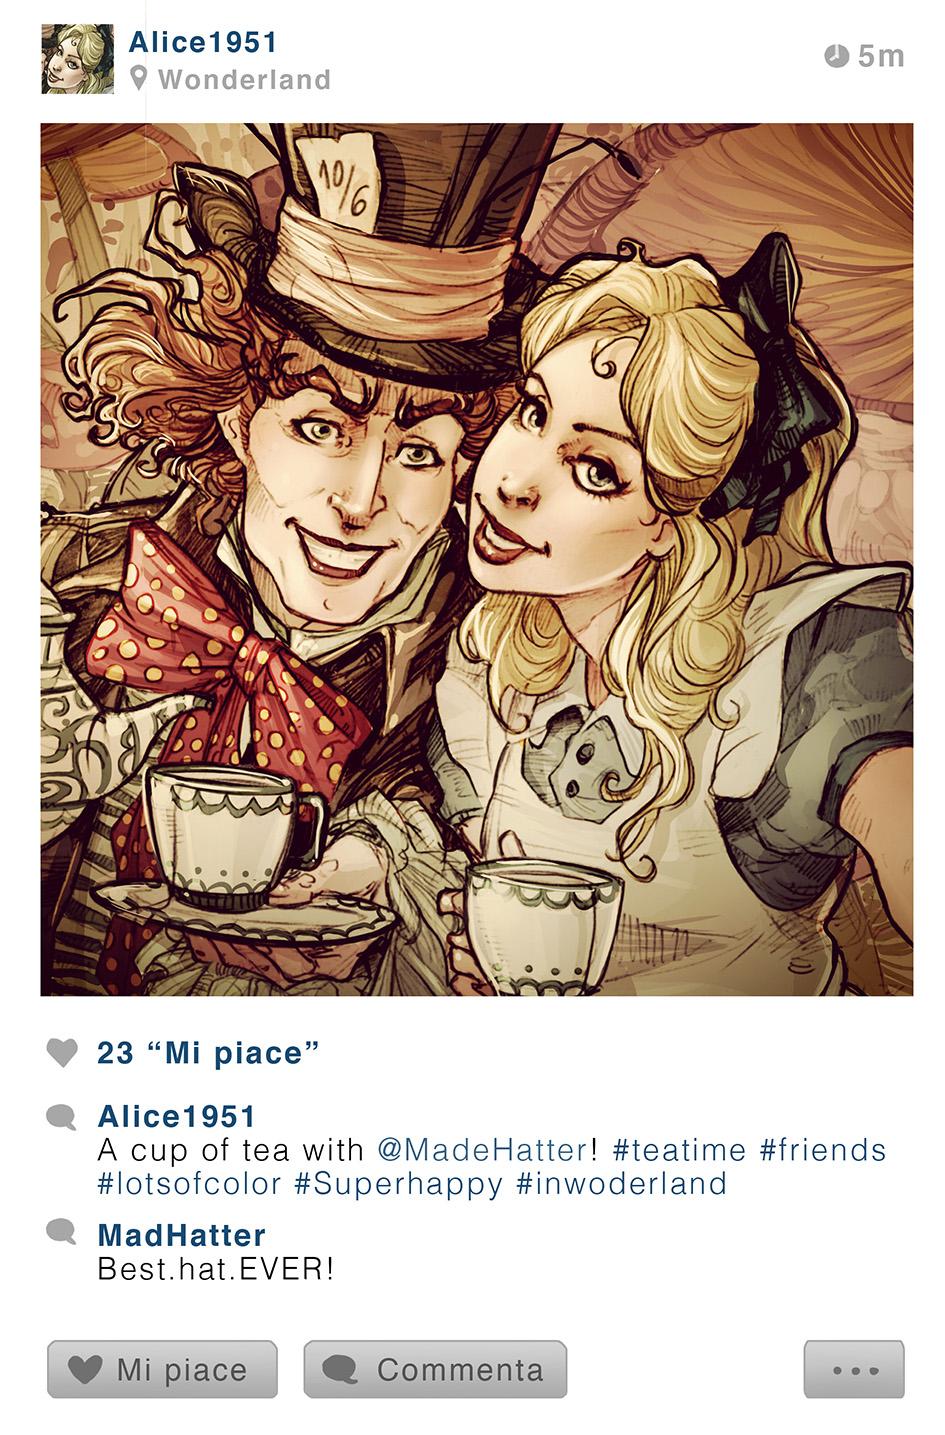 Le Chapelier et Alice - Alice aux Pays des Merveilles - Disney Selfie - Simona Bonafini